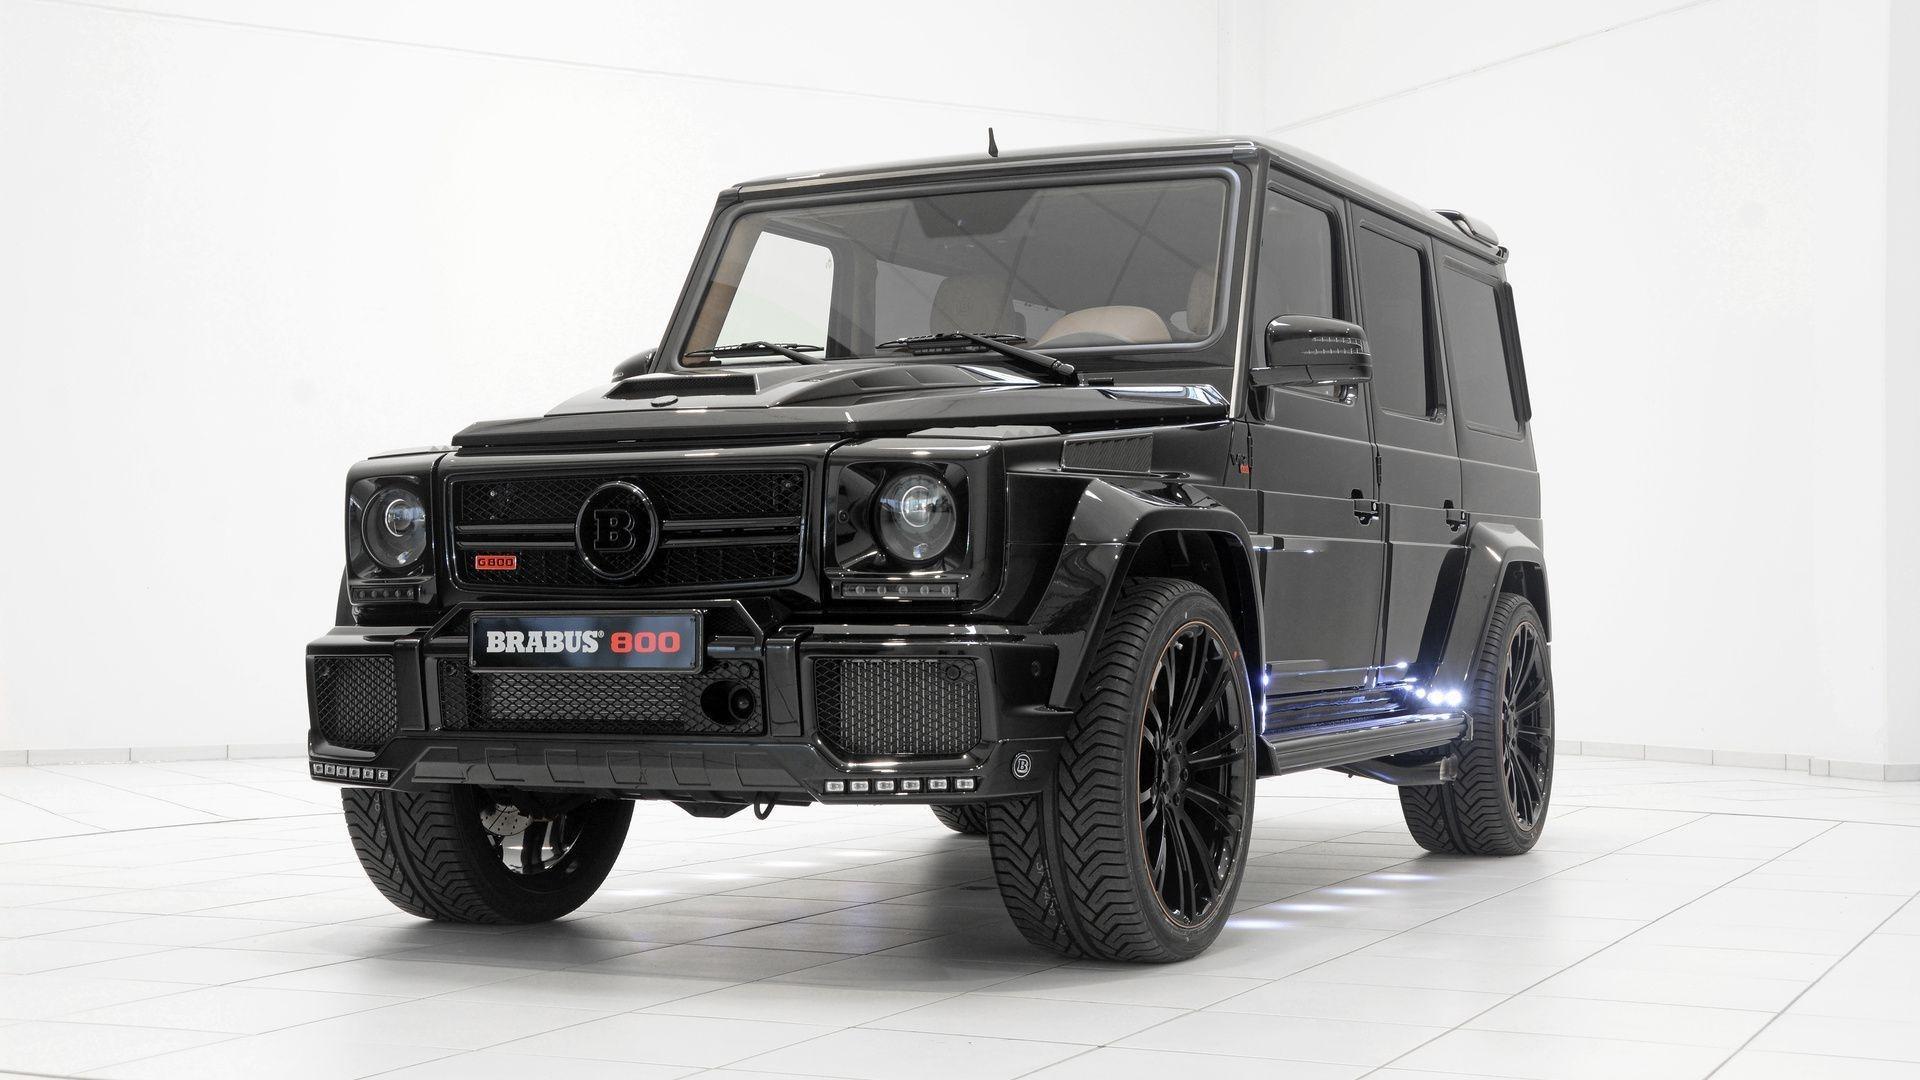 g gelendvagen studio id class front tuning gelandewagen mercedes wallpaper suv jeep benz vilner